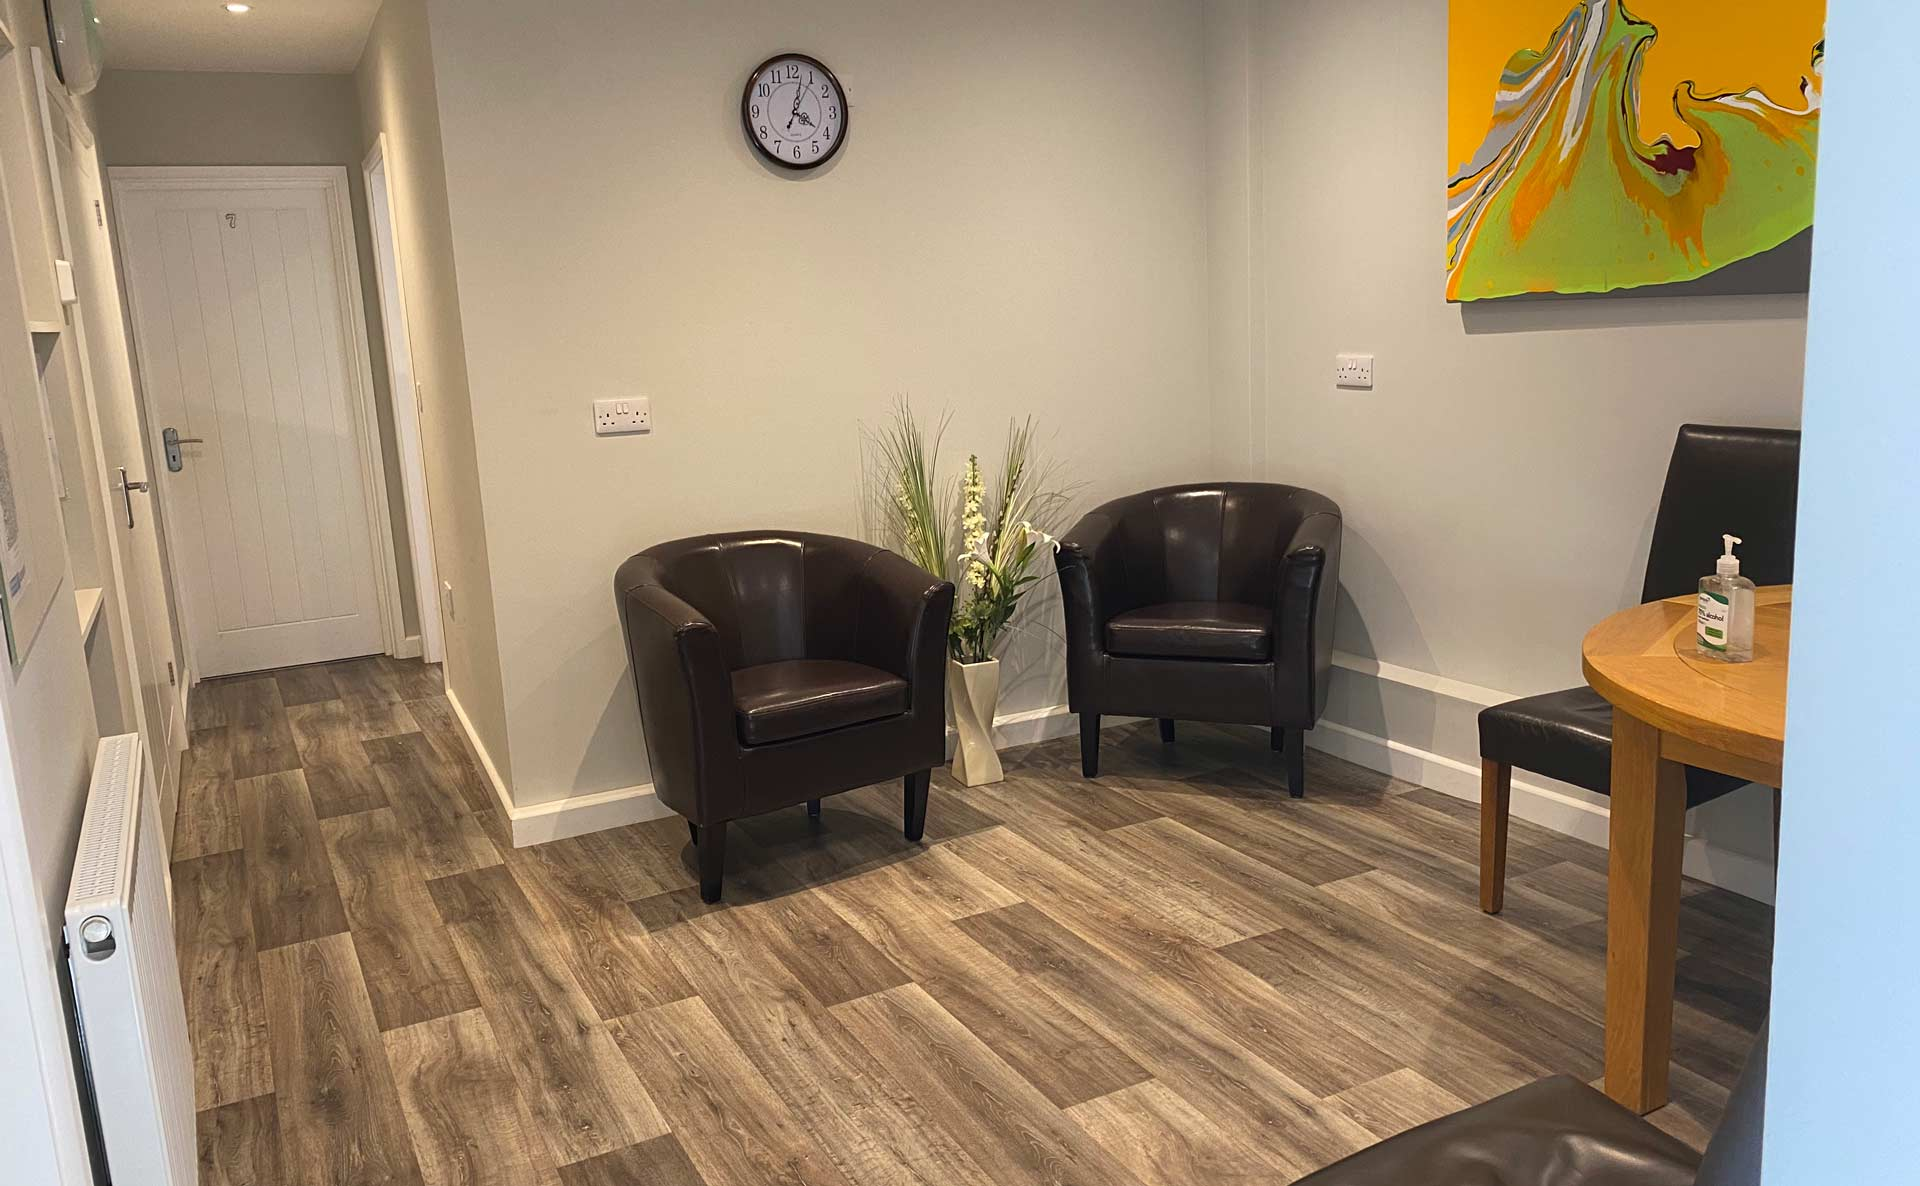 Ashcroft Therapy Centre interior